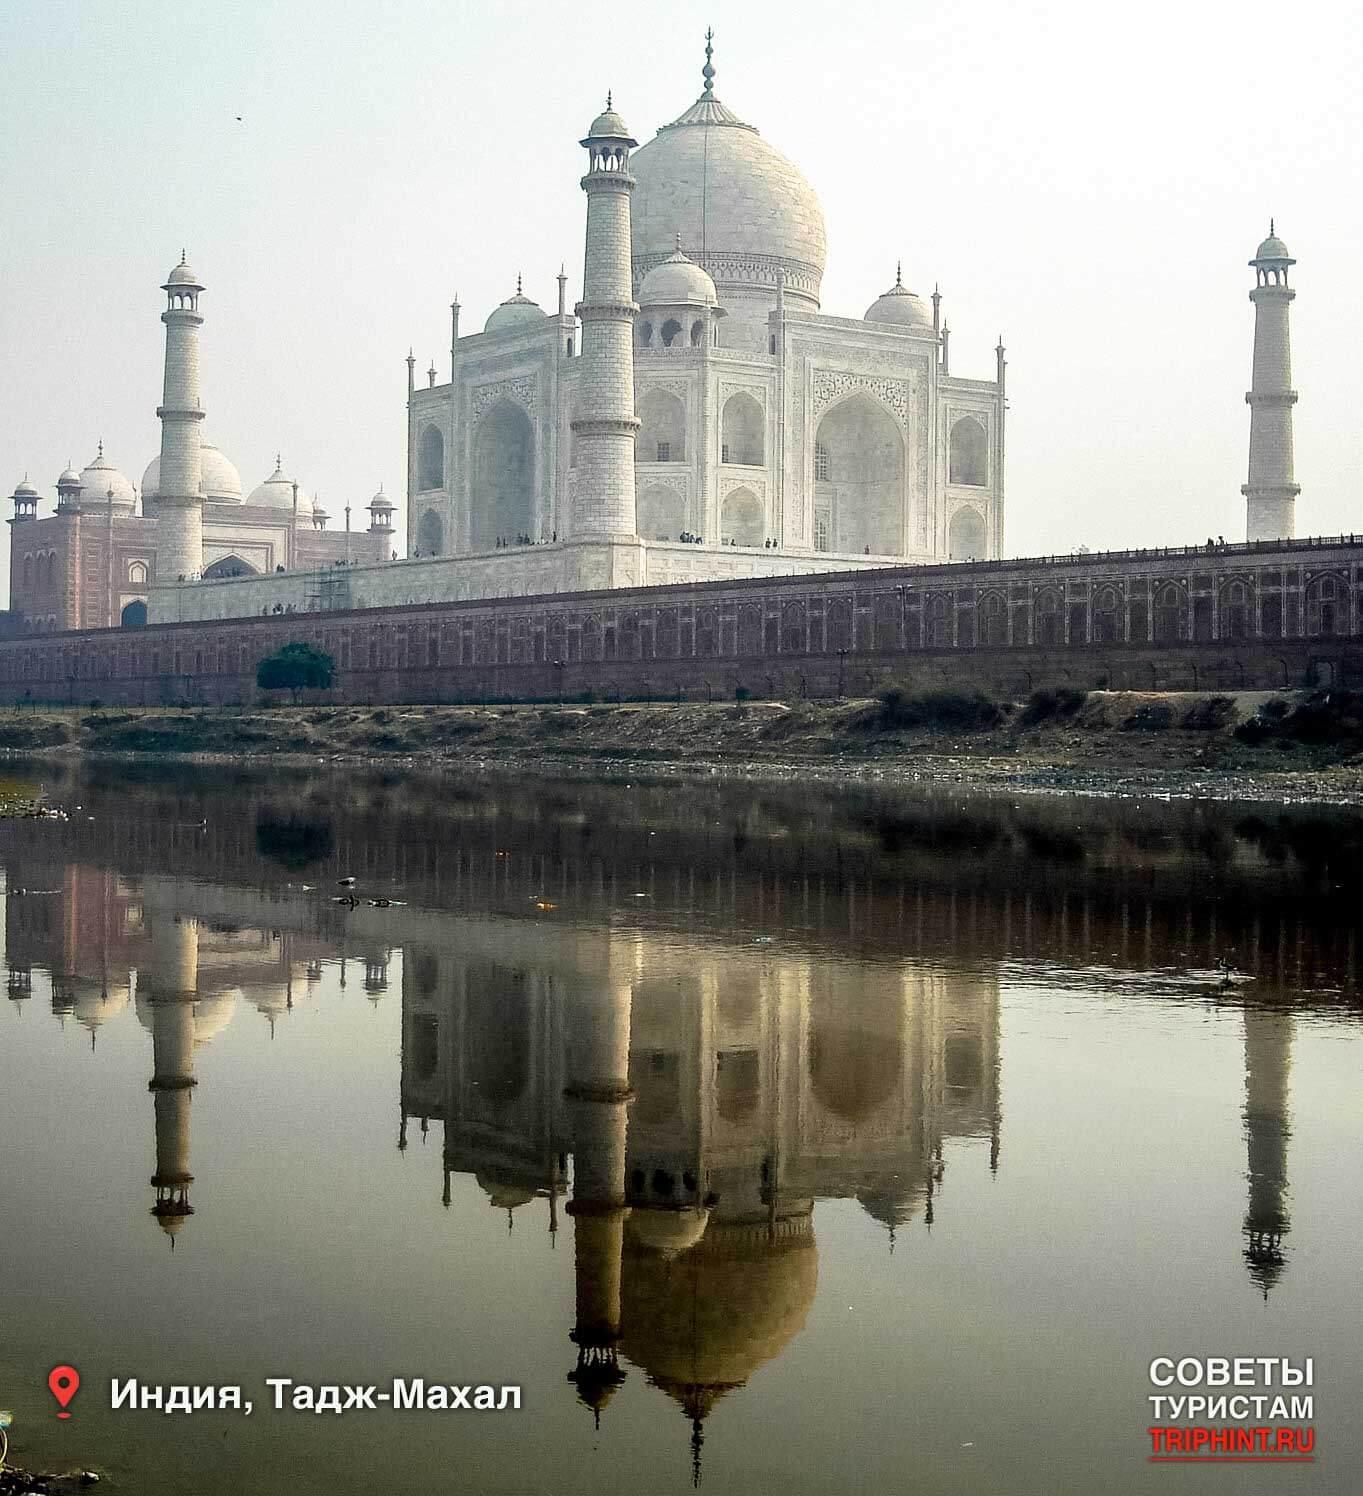 Куда поехать и что посетить в Индии в декабре: мавзолей Тадж Махал